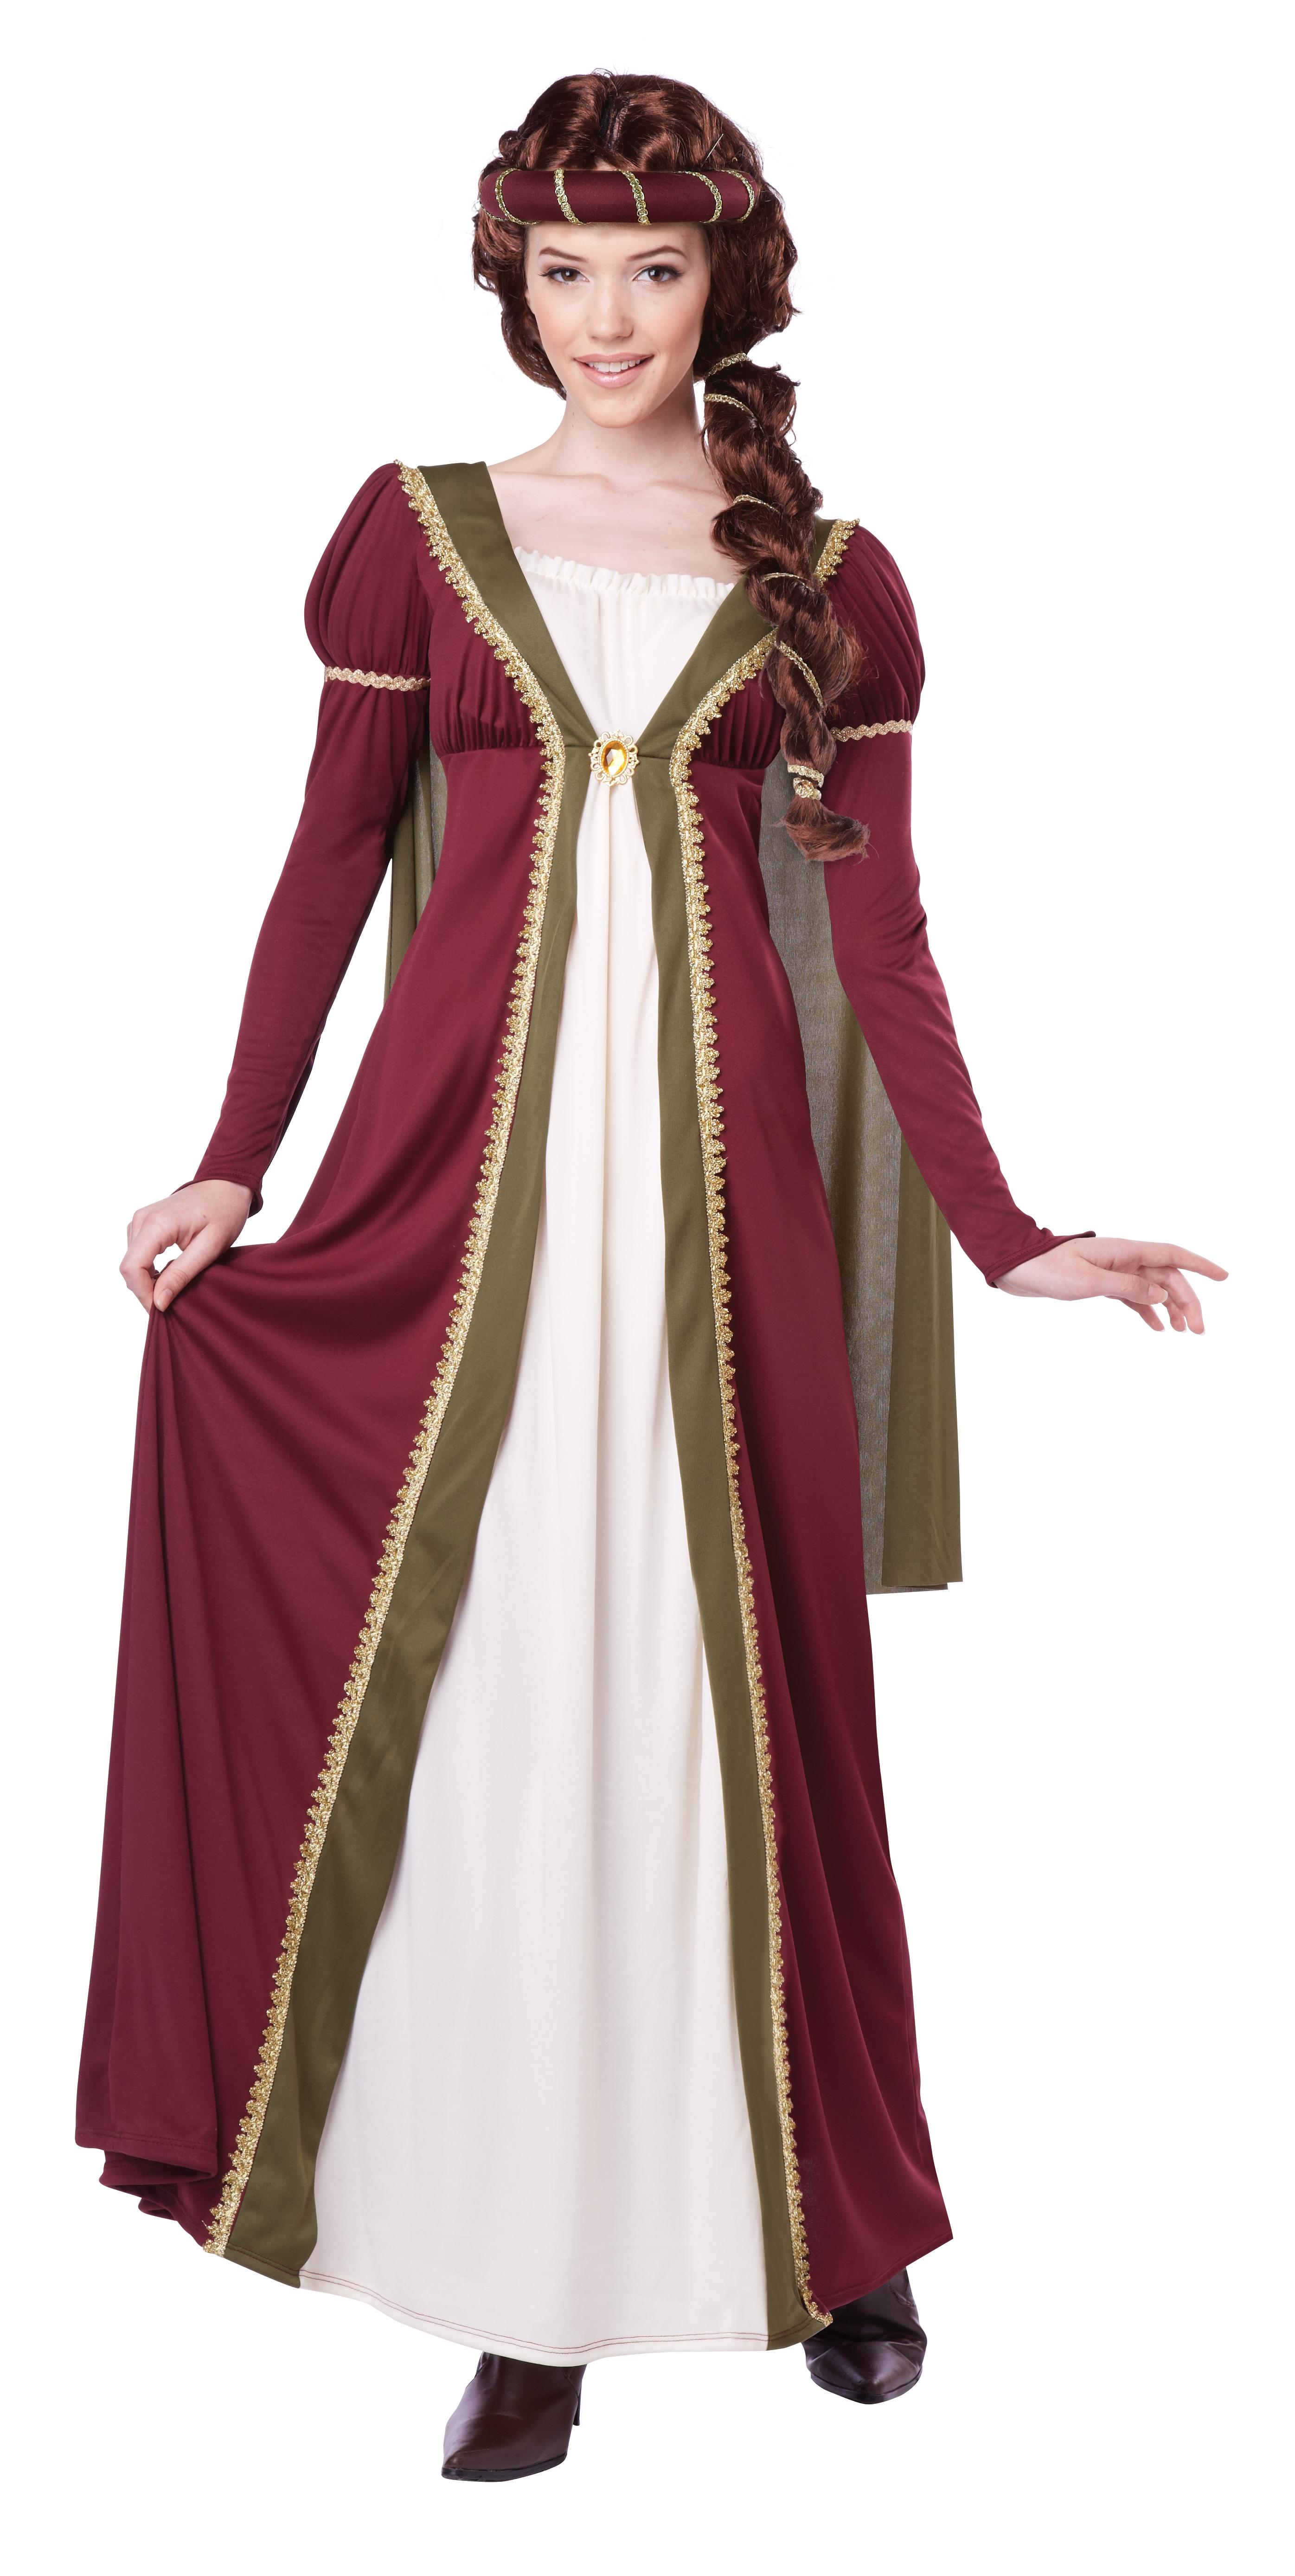 Костюм Средневековой красавицы (44) - Исторические костюмы, р.44